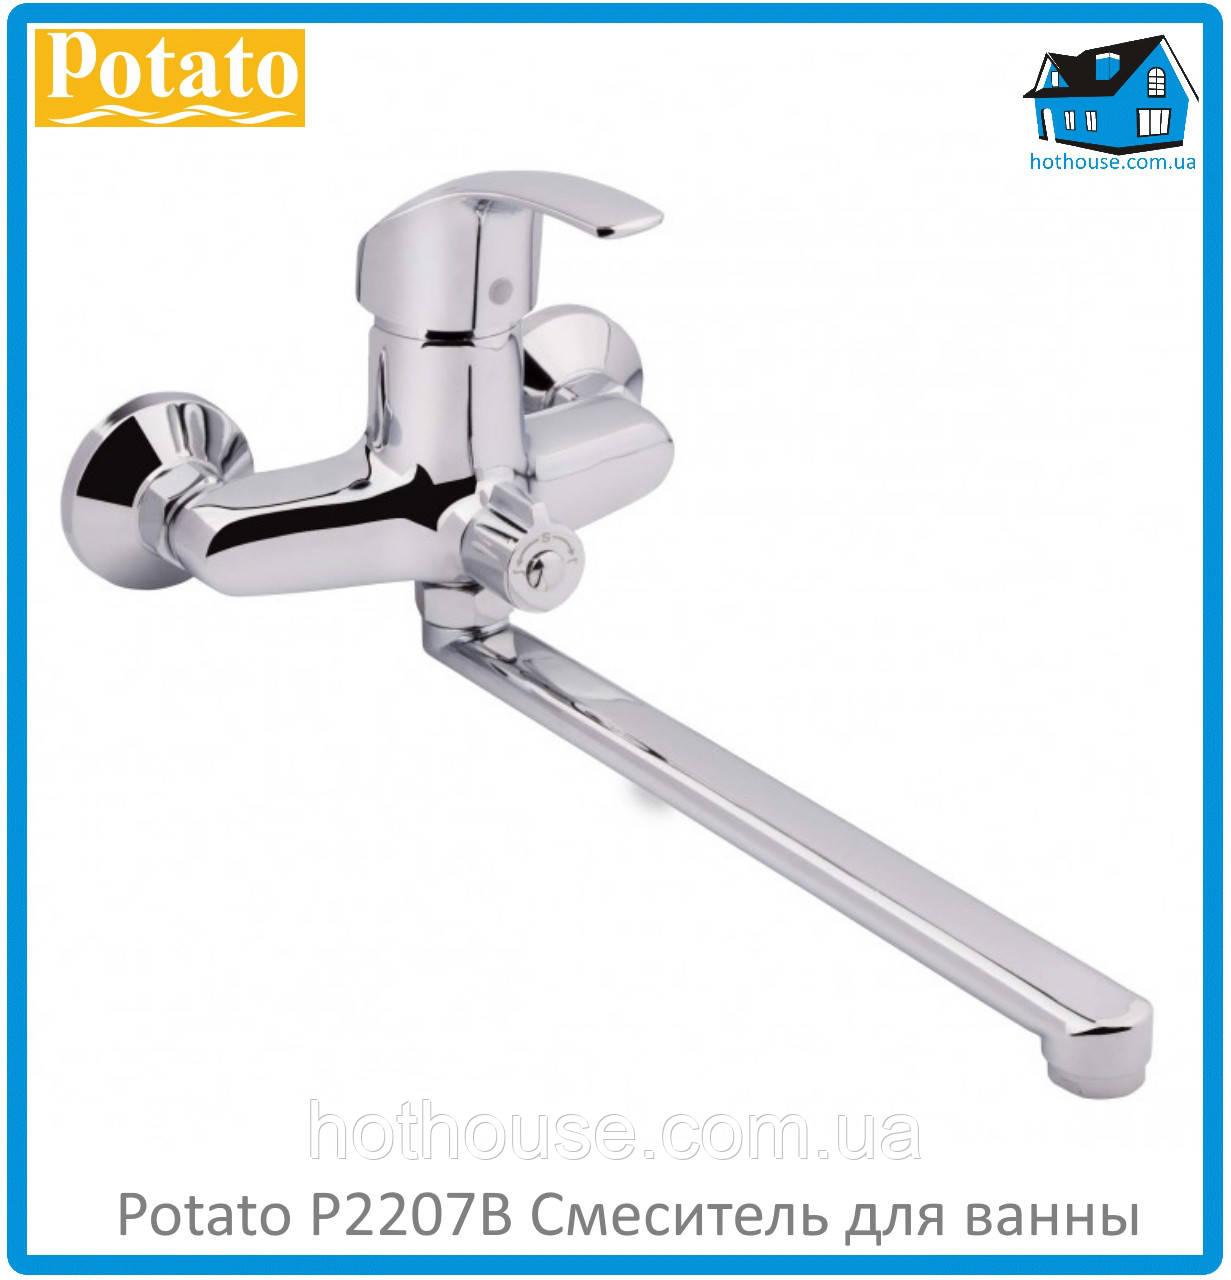 Смеситель для ванны Potato P2207B